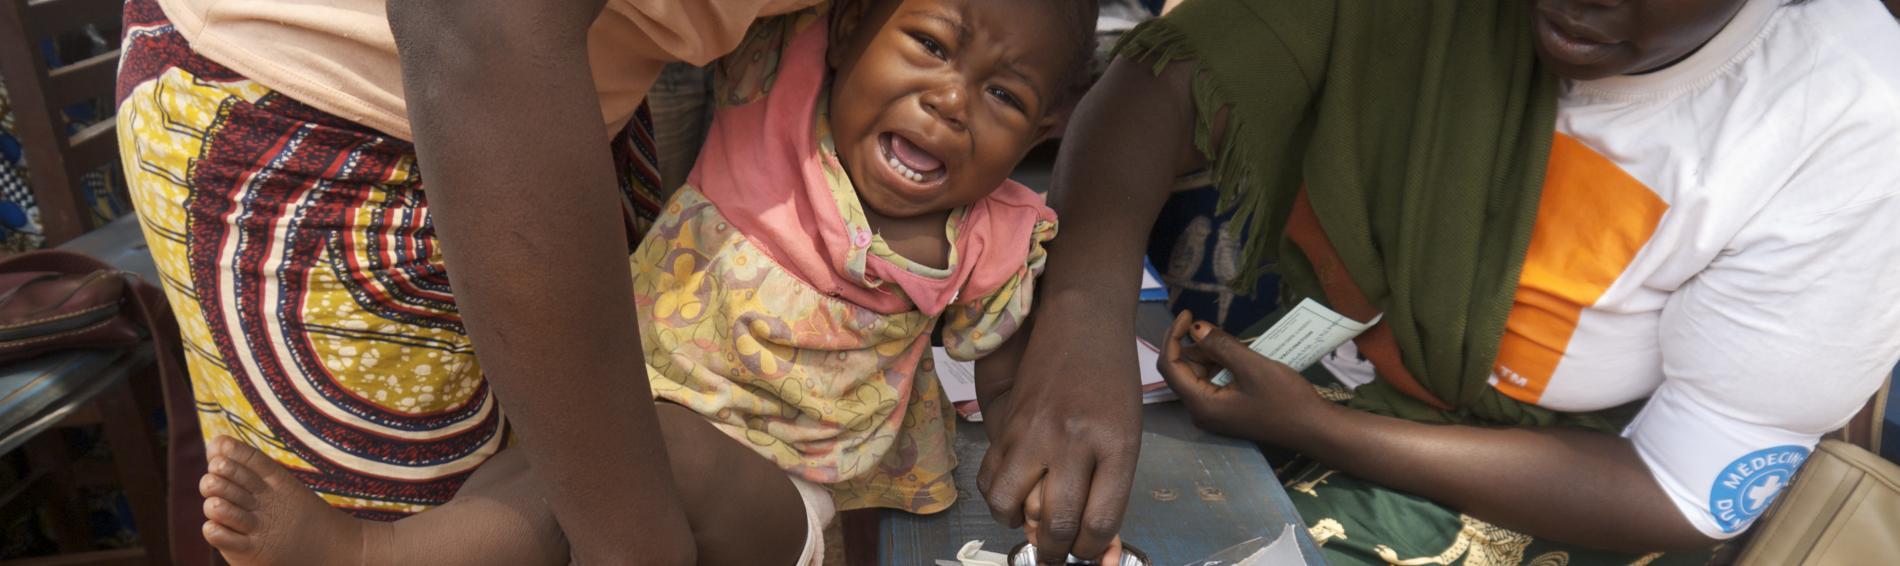 Ein Kind wird von einem Helfer untersucht. Foto: Christophe Garcot